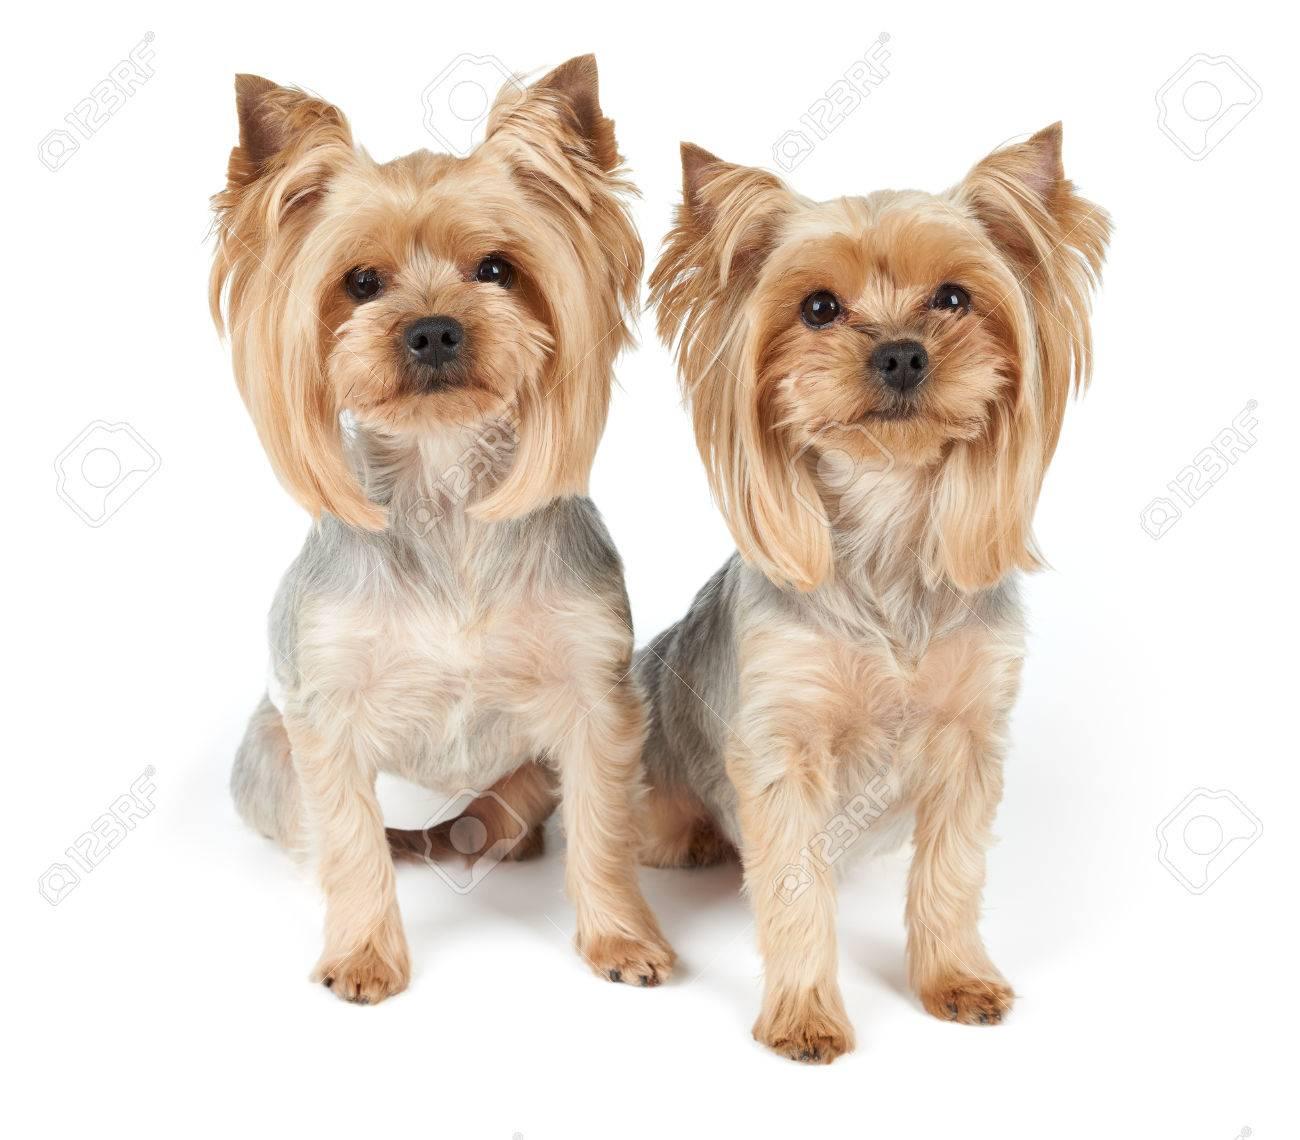 Zwei Yorkshire Terrier Nach Grooming Isoliert Auf Weiß Lizenzfreie